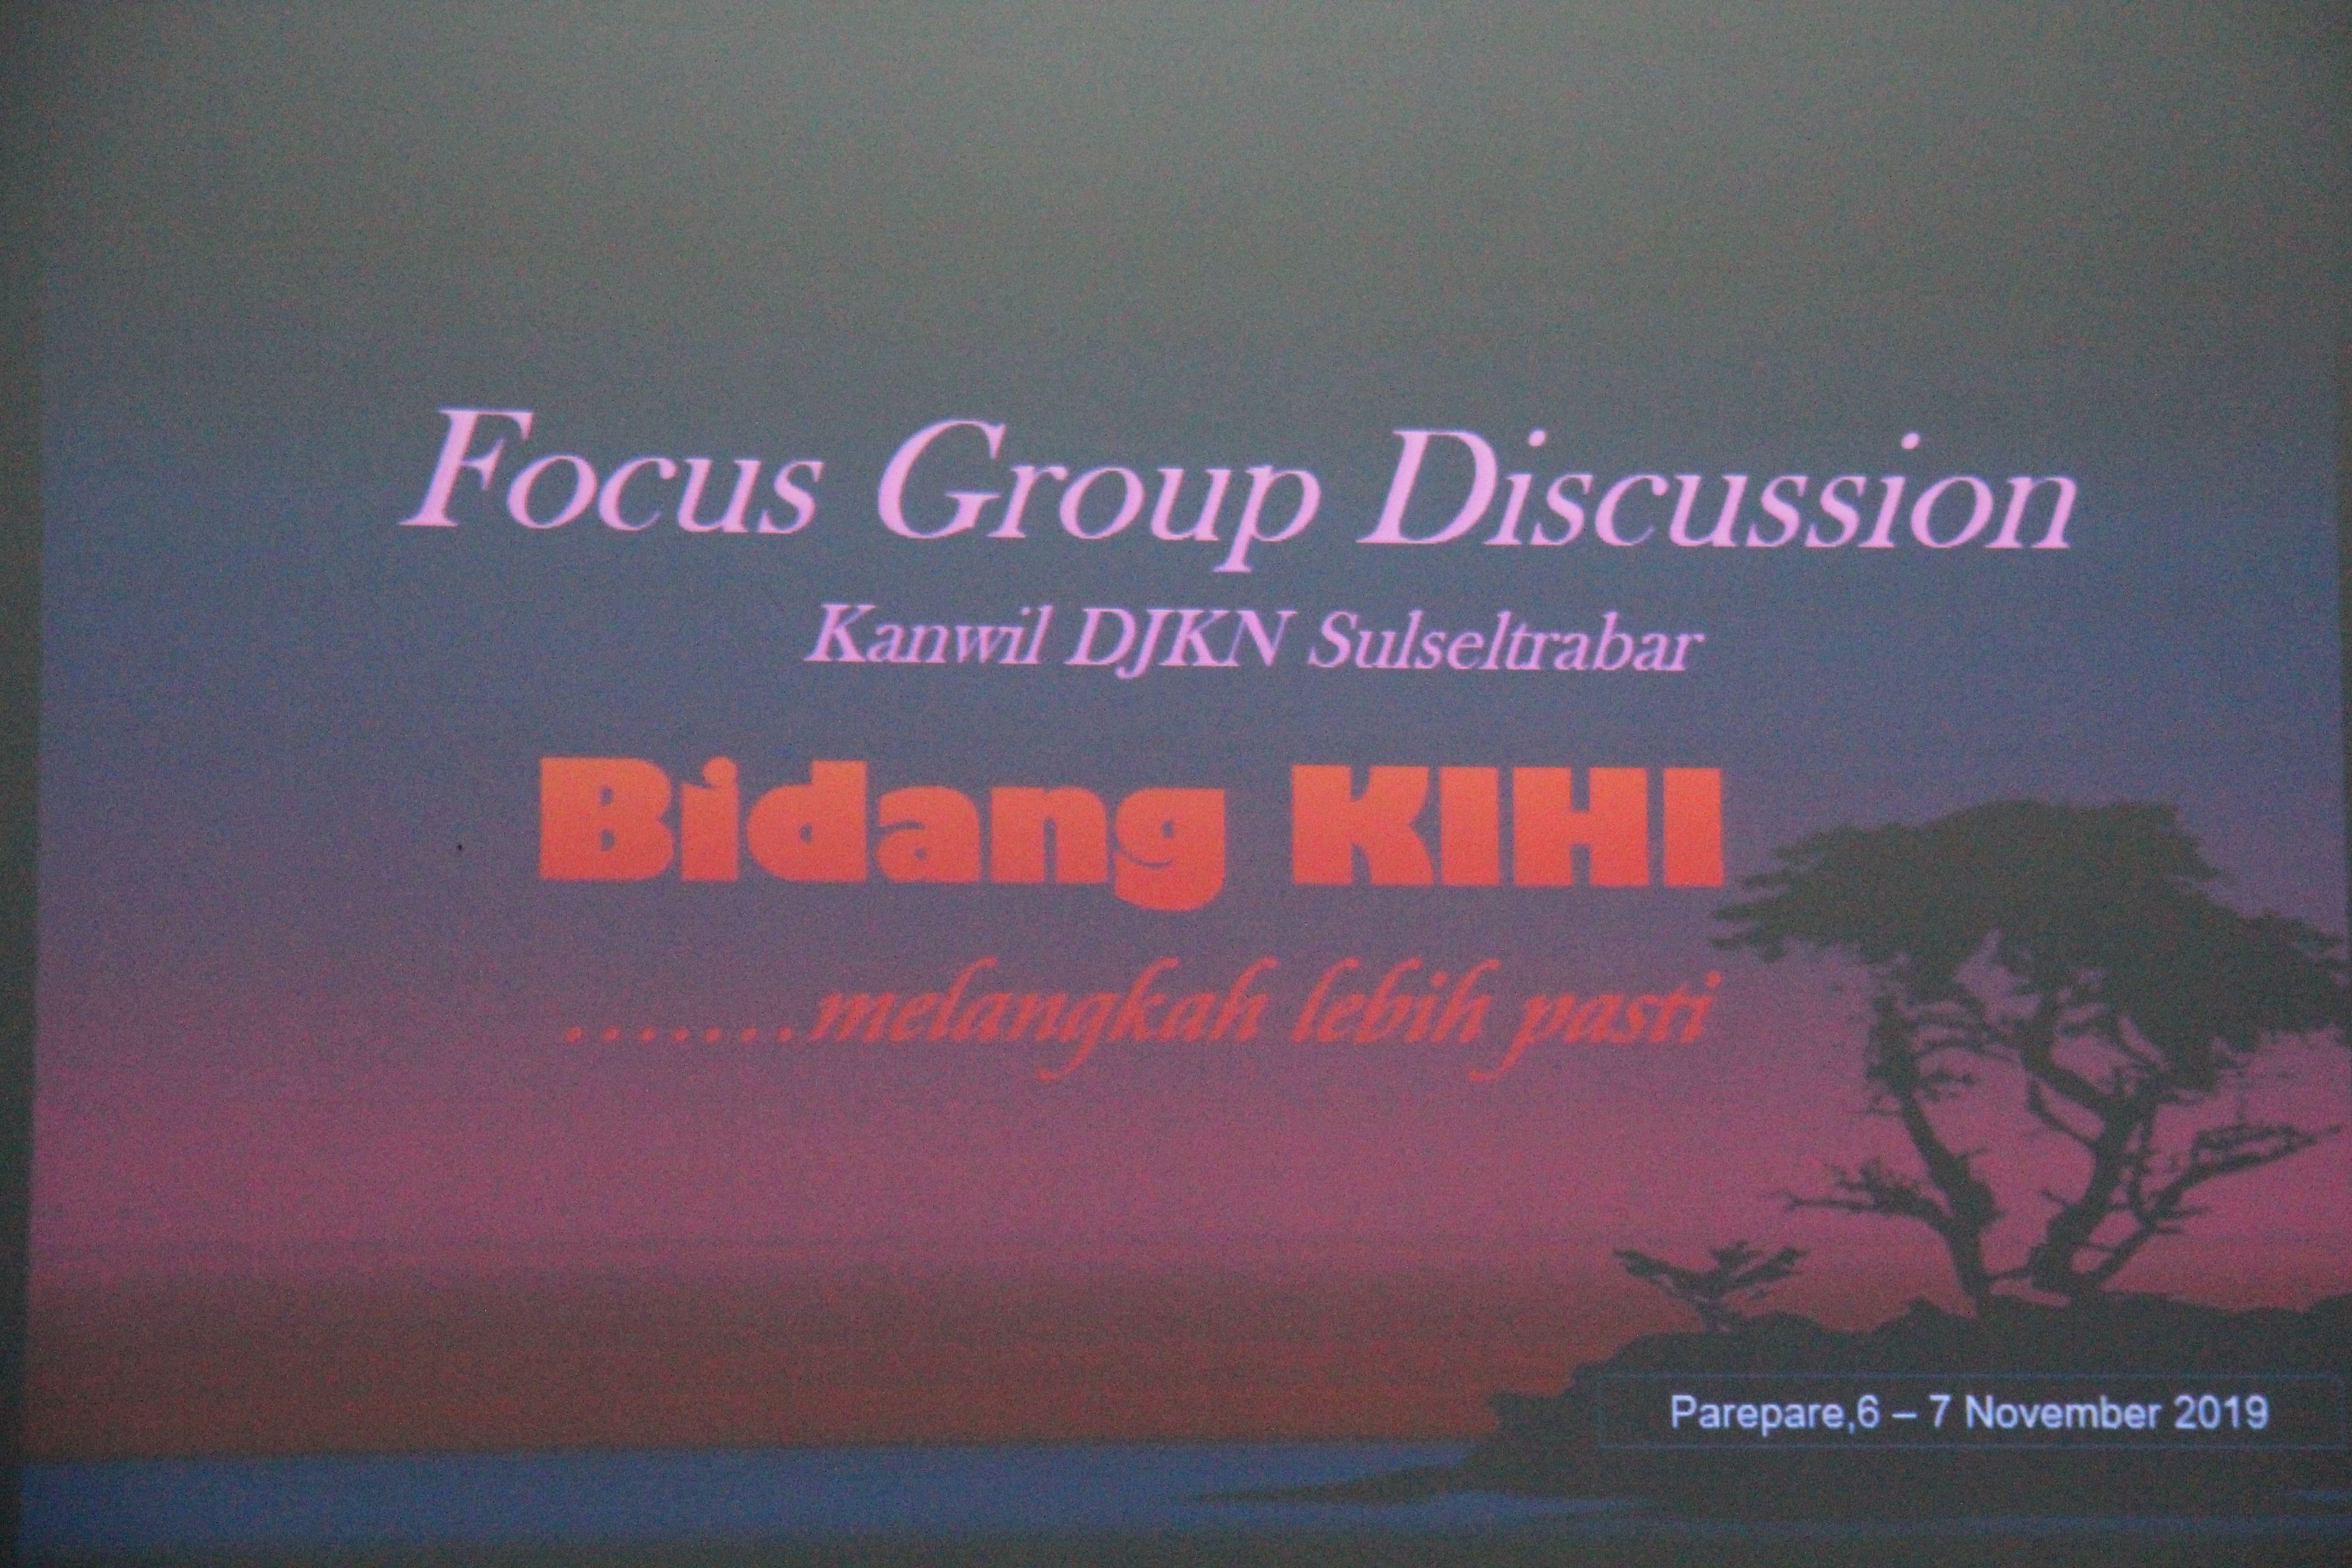 KPKNL Parepare menjadi Tuan Rumah Focus Group DIscussion Bidang KIHI Kanwil DJKN Sulseltrabar